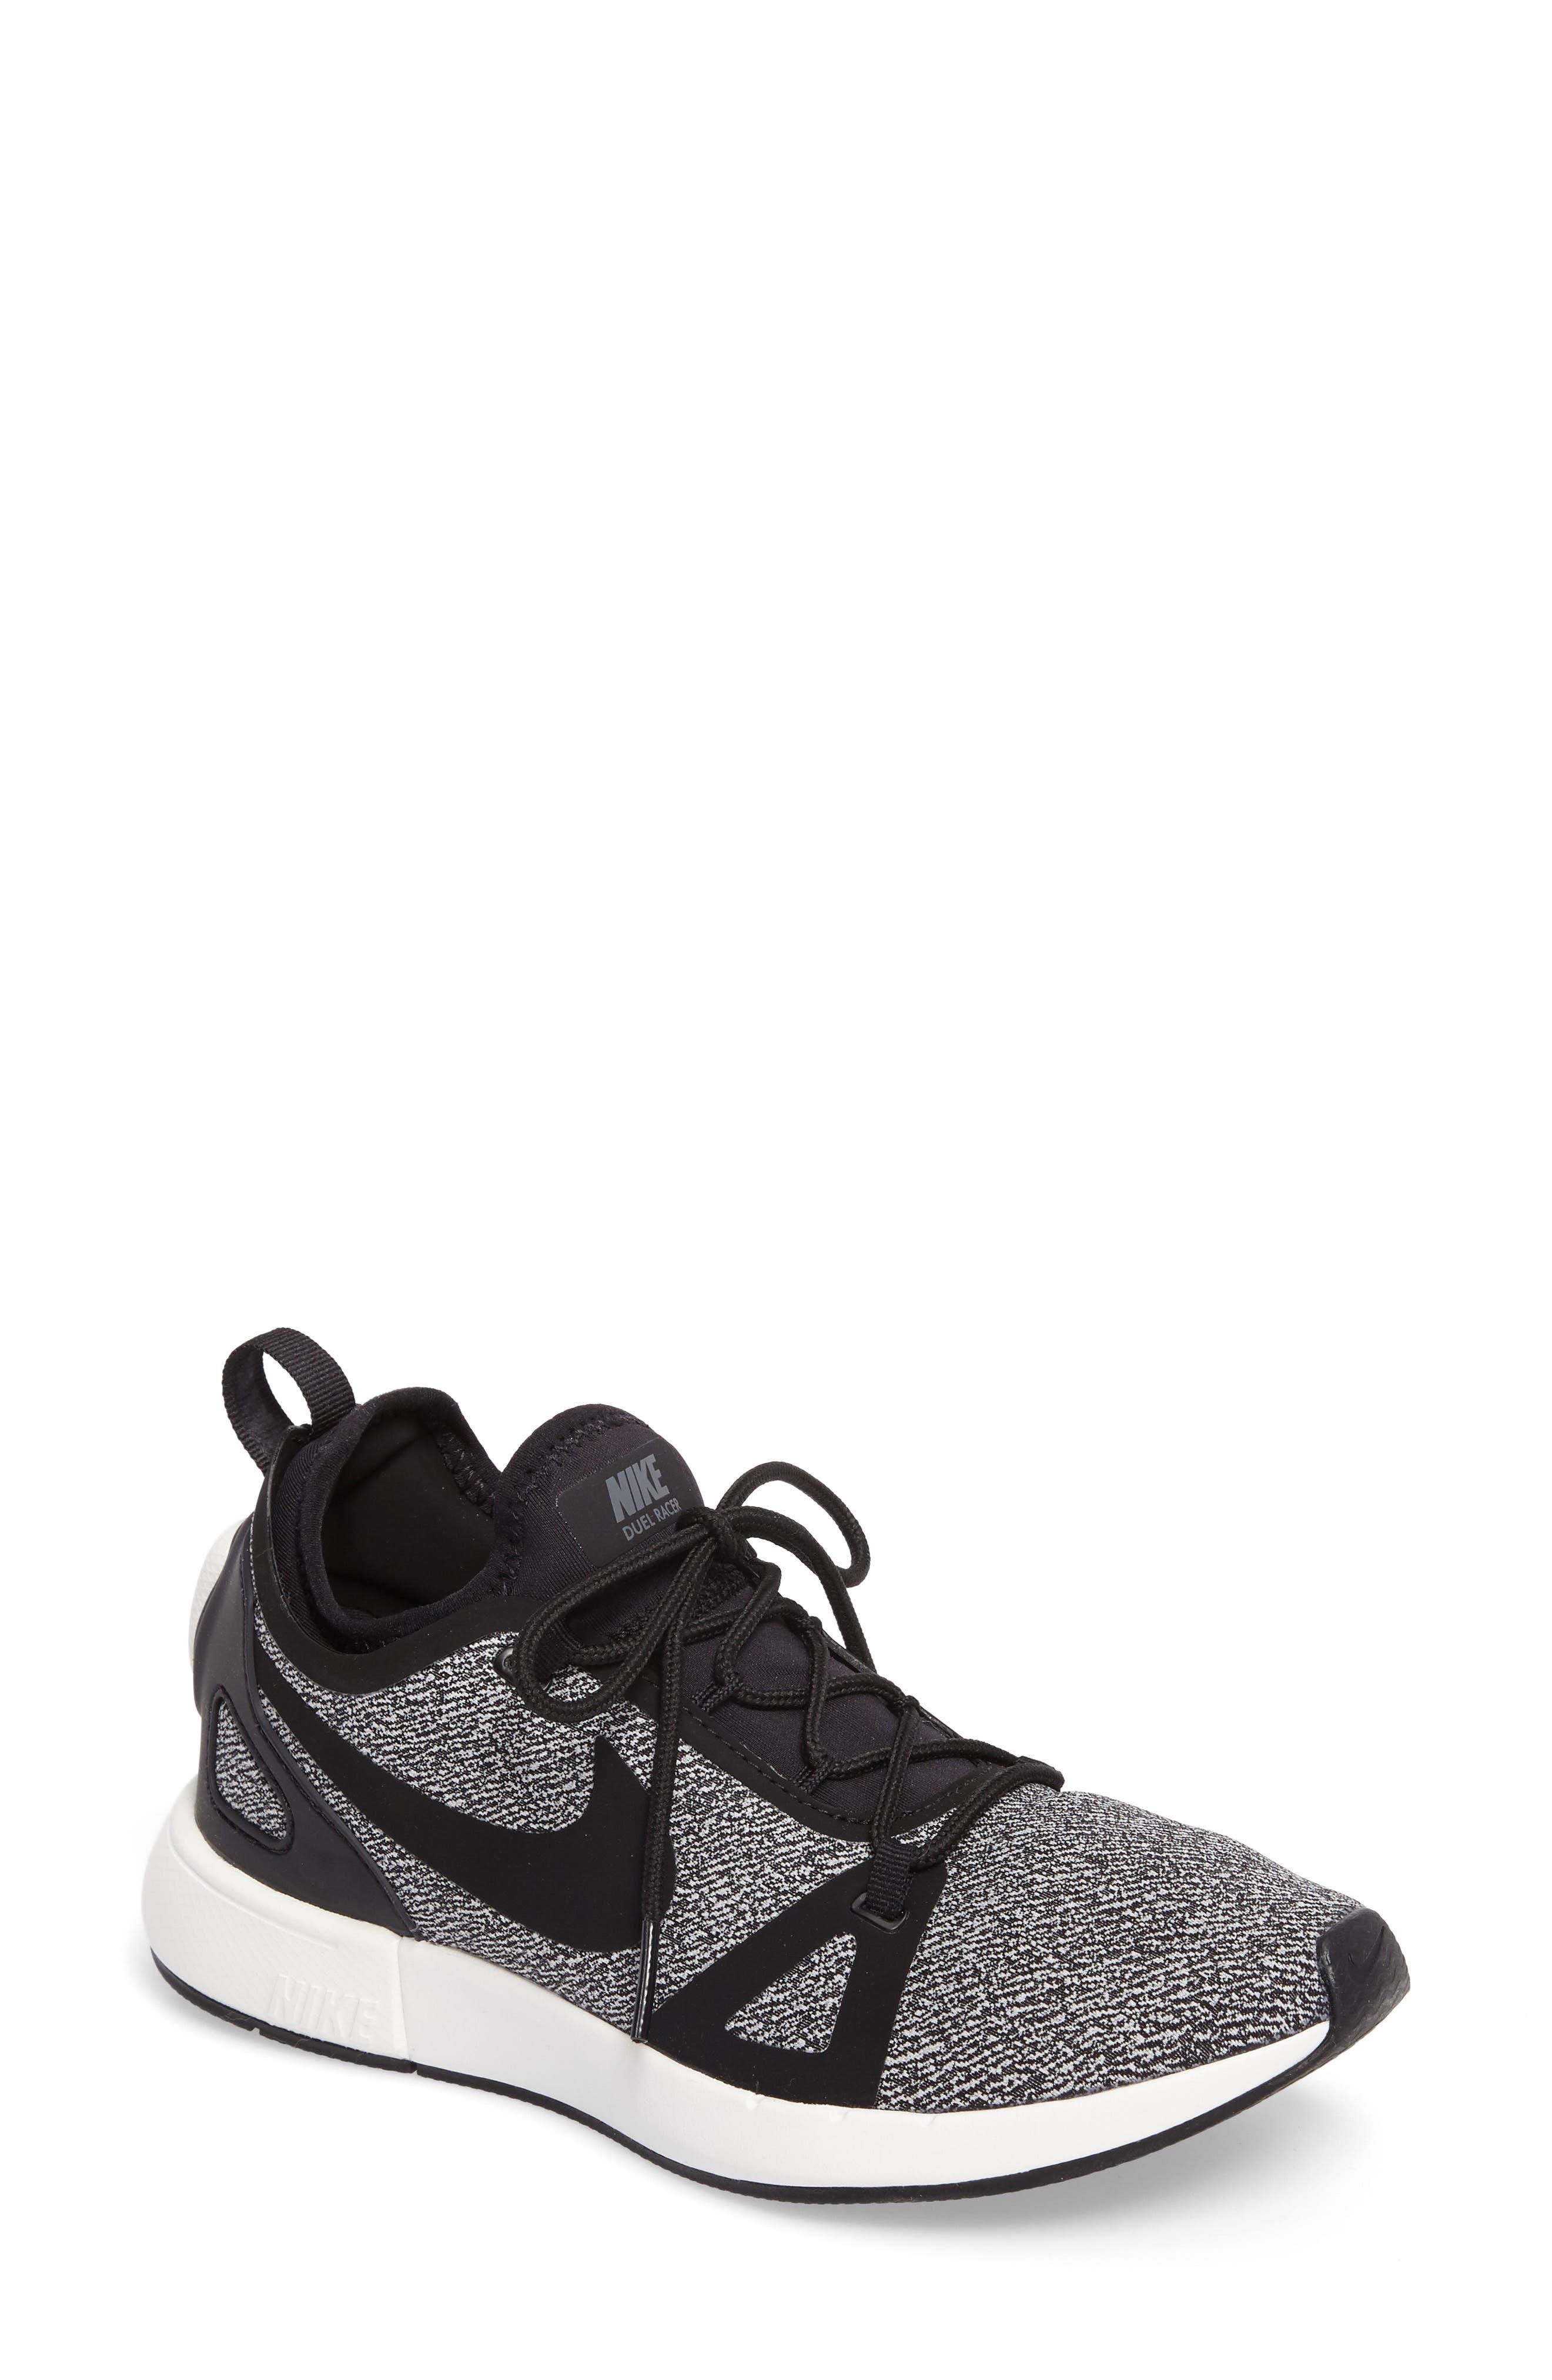 Main Image - Nike Duel Racer Knit Sneaker (Women)